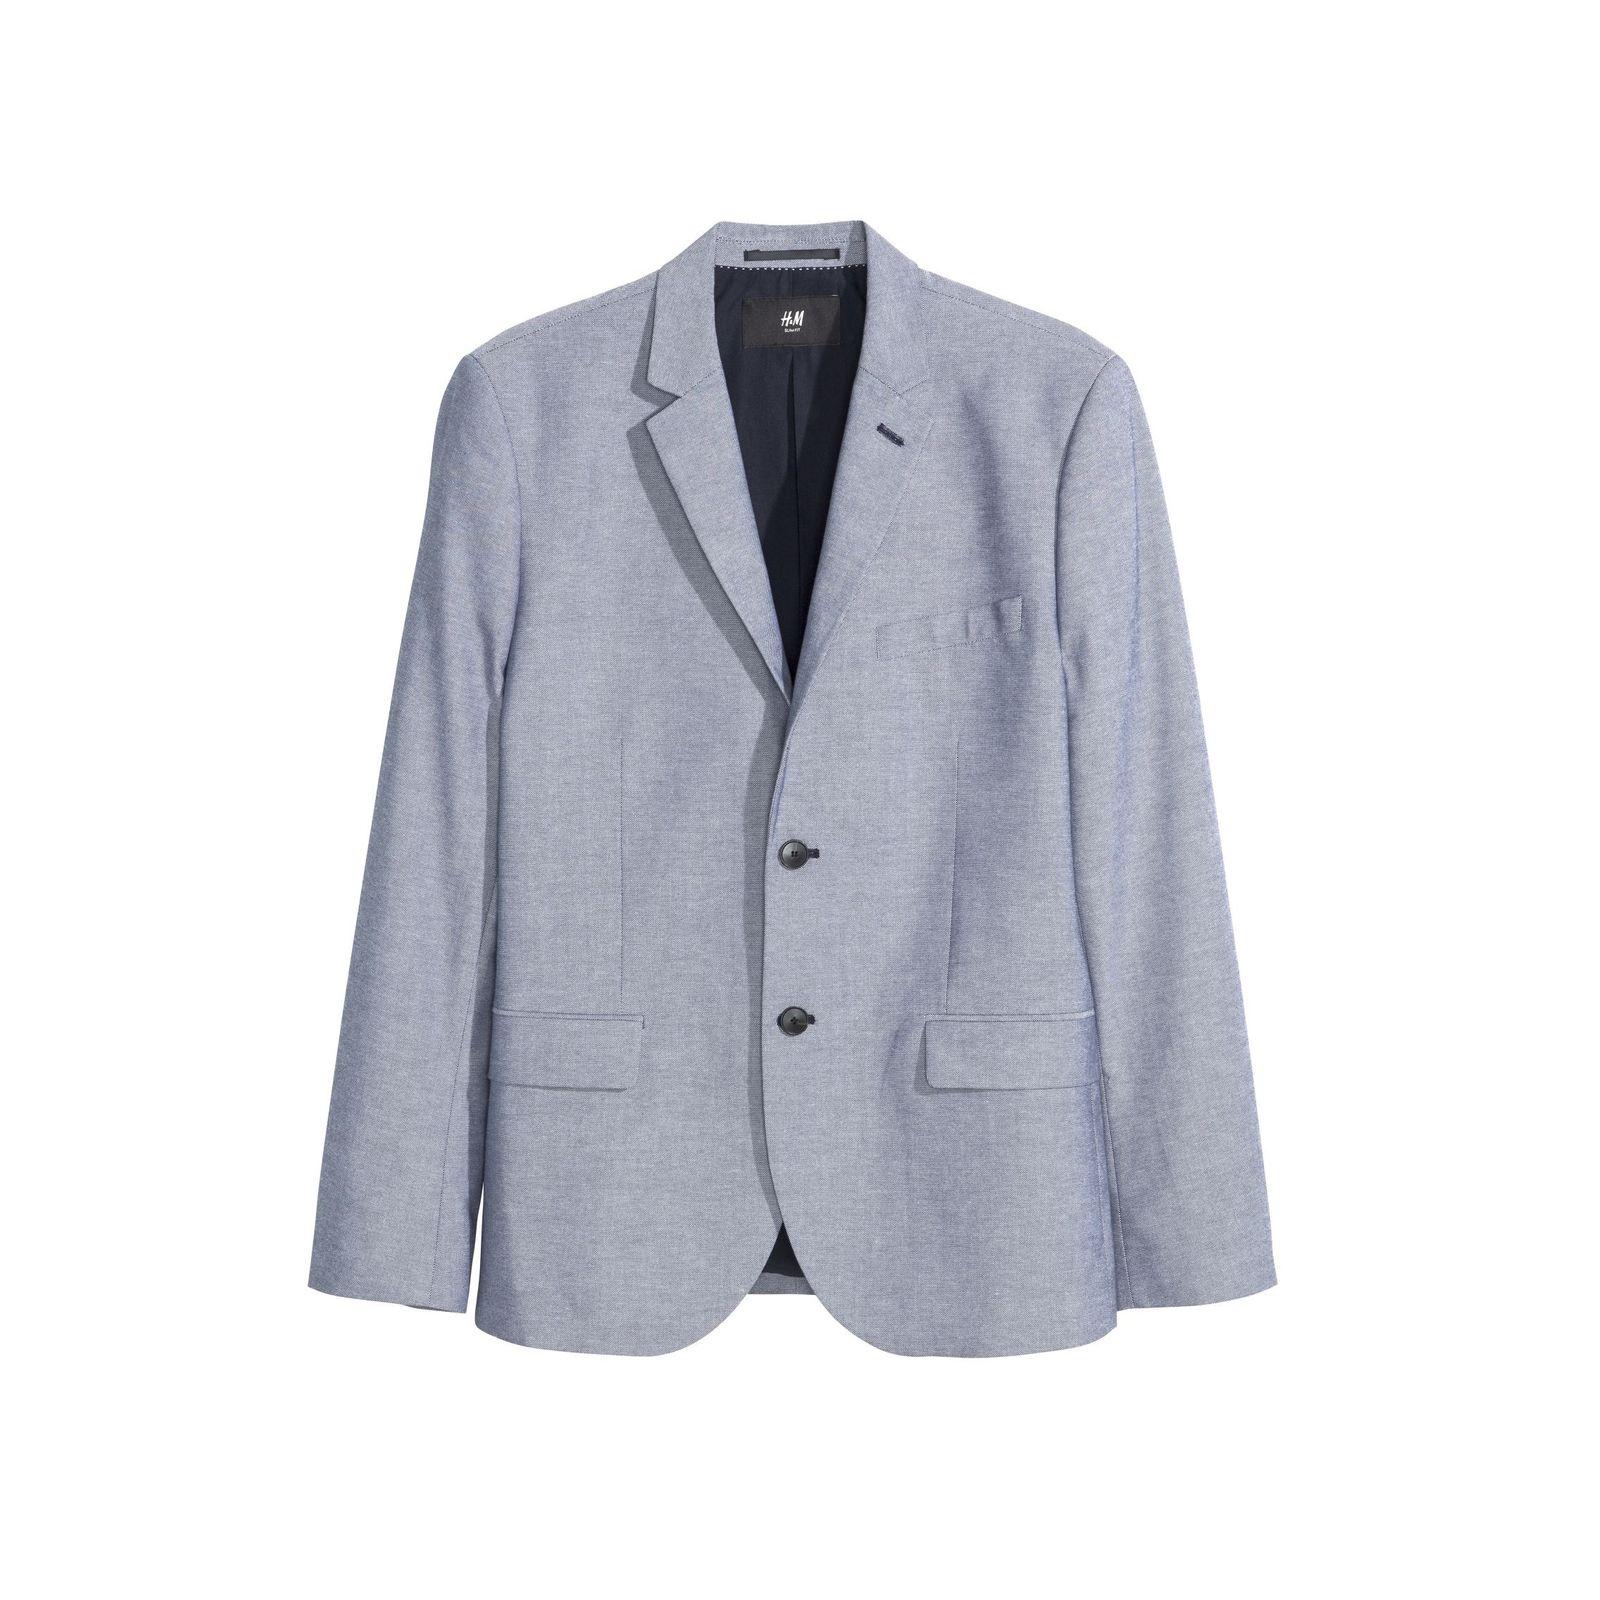 کت تک مردانه اچ اند ام مدل 00351 -  - 2